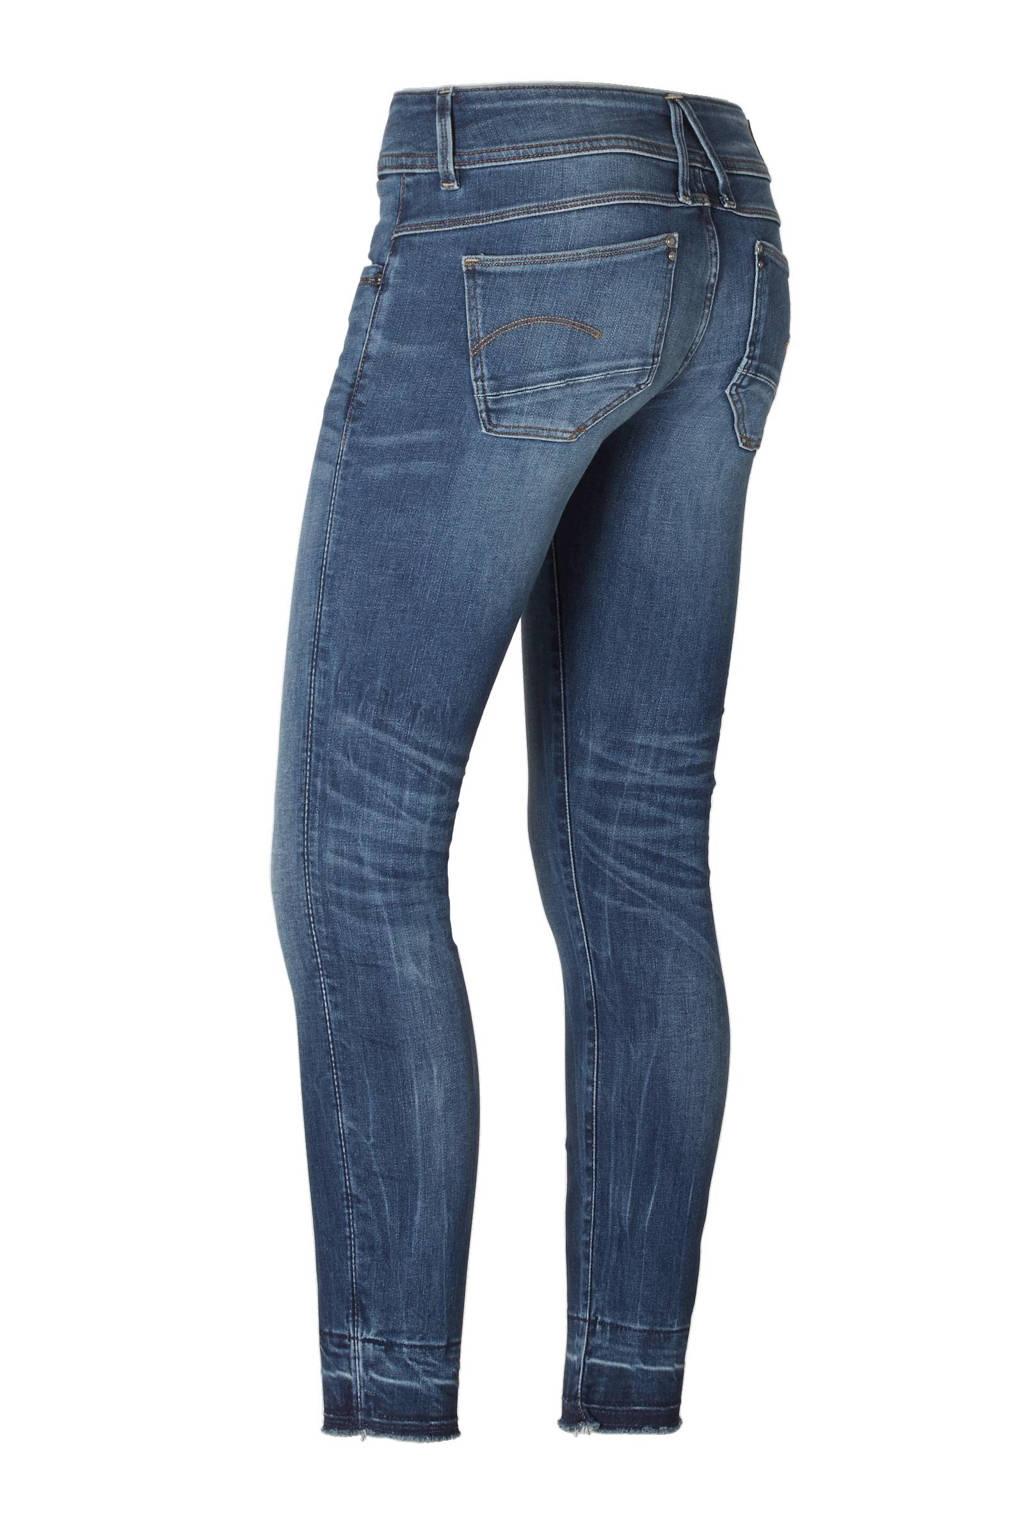 127aa0b98b2 G-Star RAW Lynn Mid Skinny Ankle jeans, Medium indigo aged